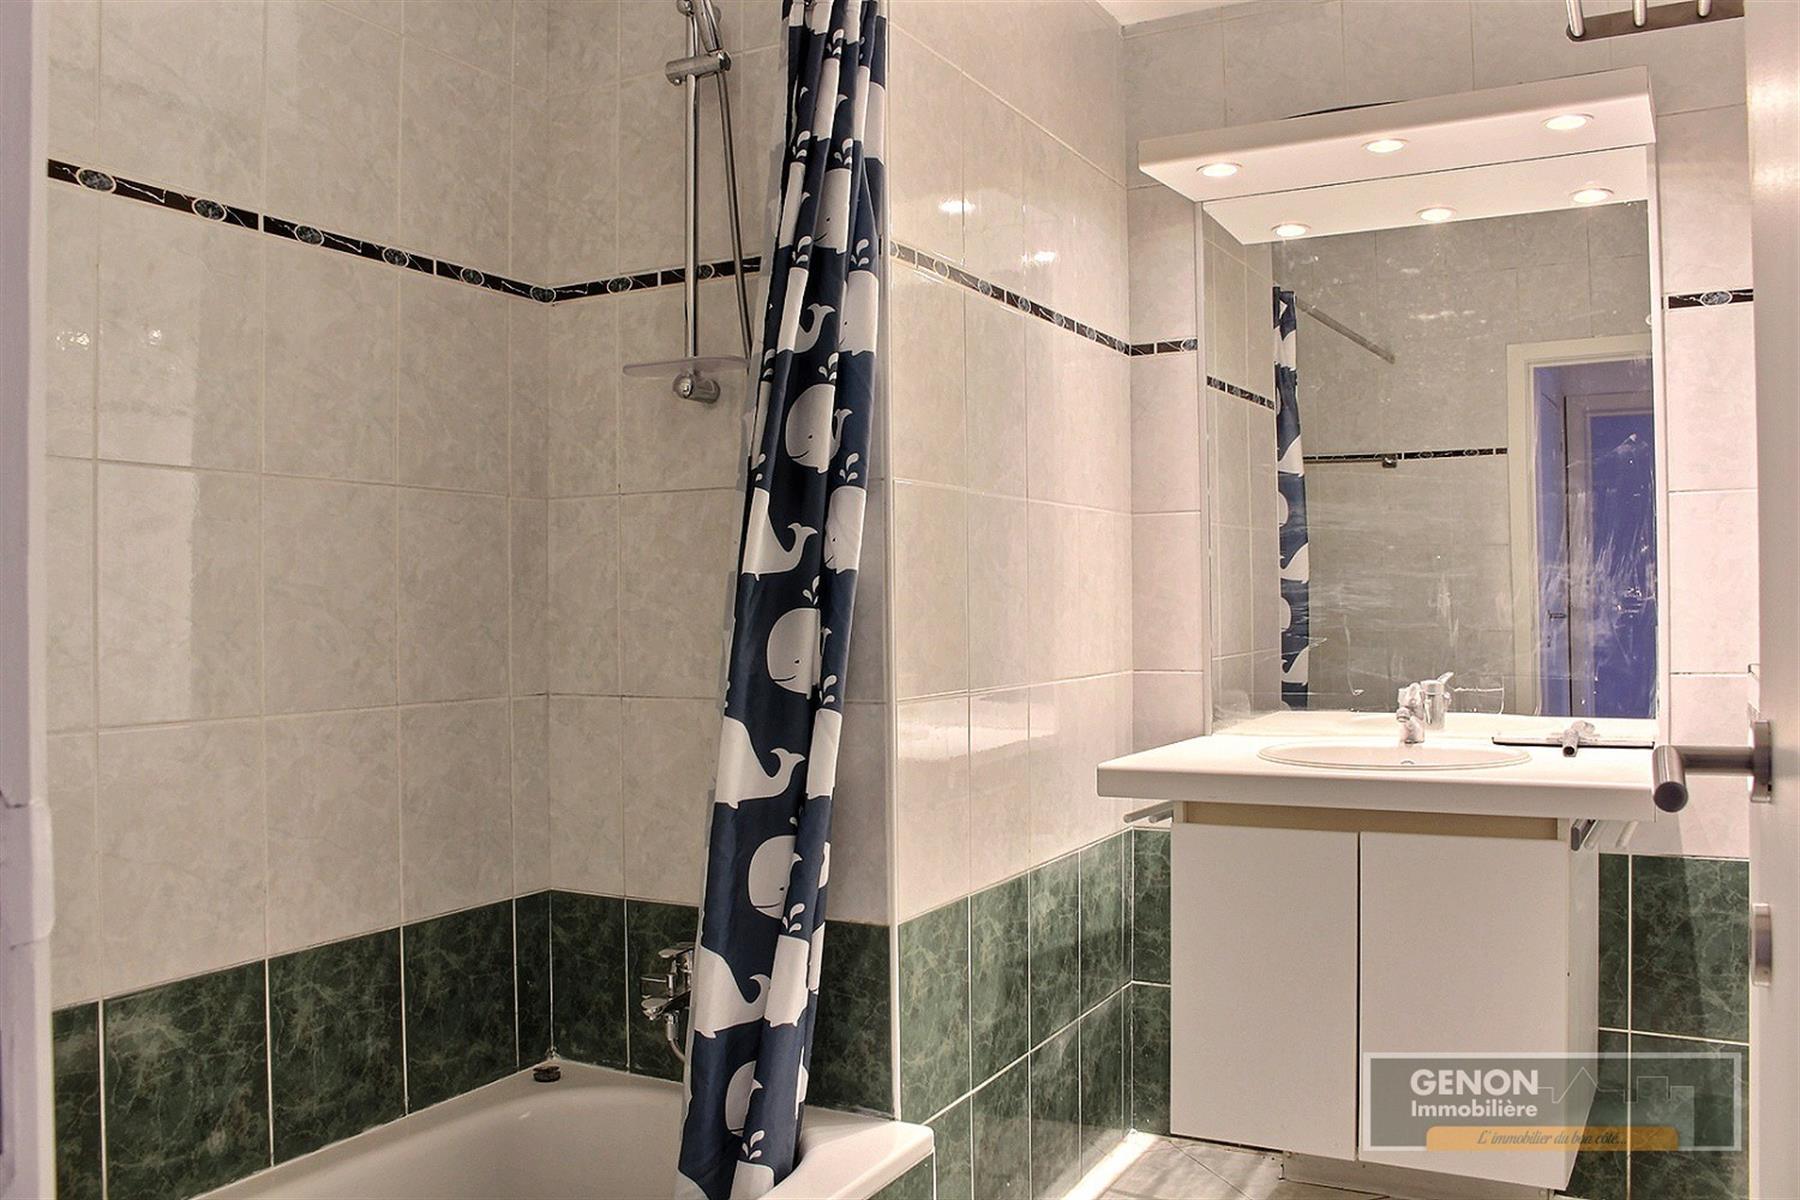 Appartement - Ottignies-Louvain-la-Neuve - #4244956-6